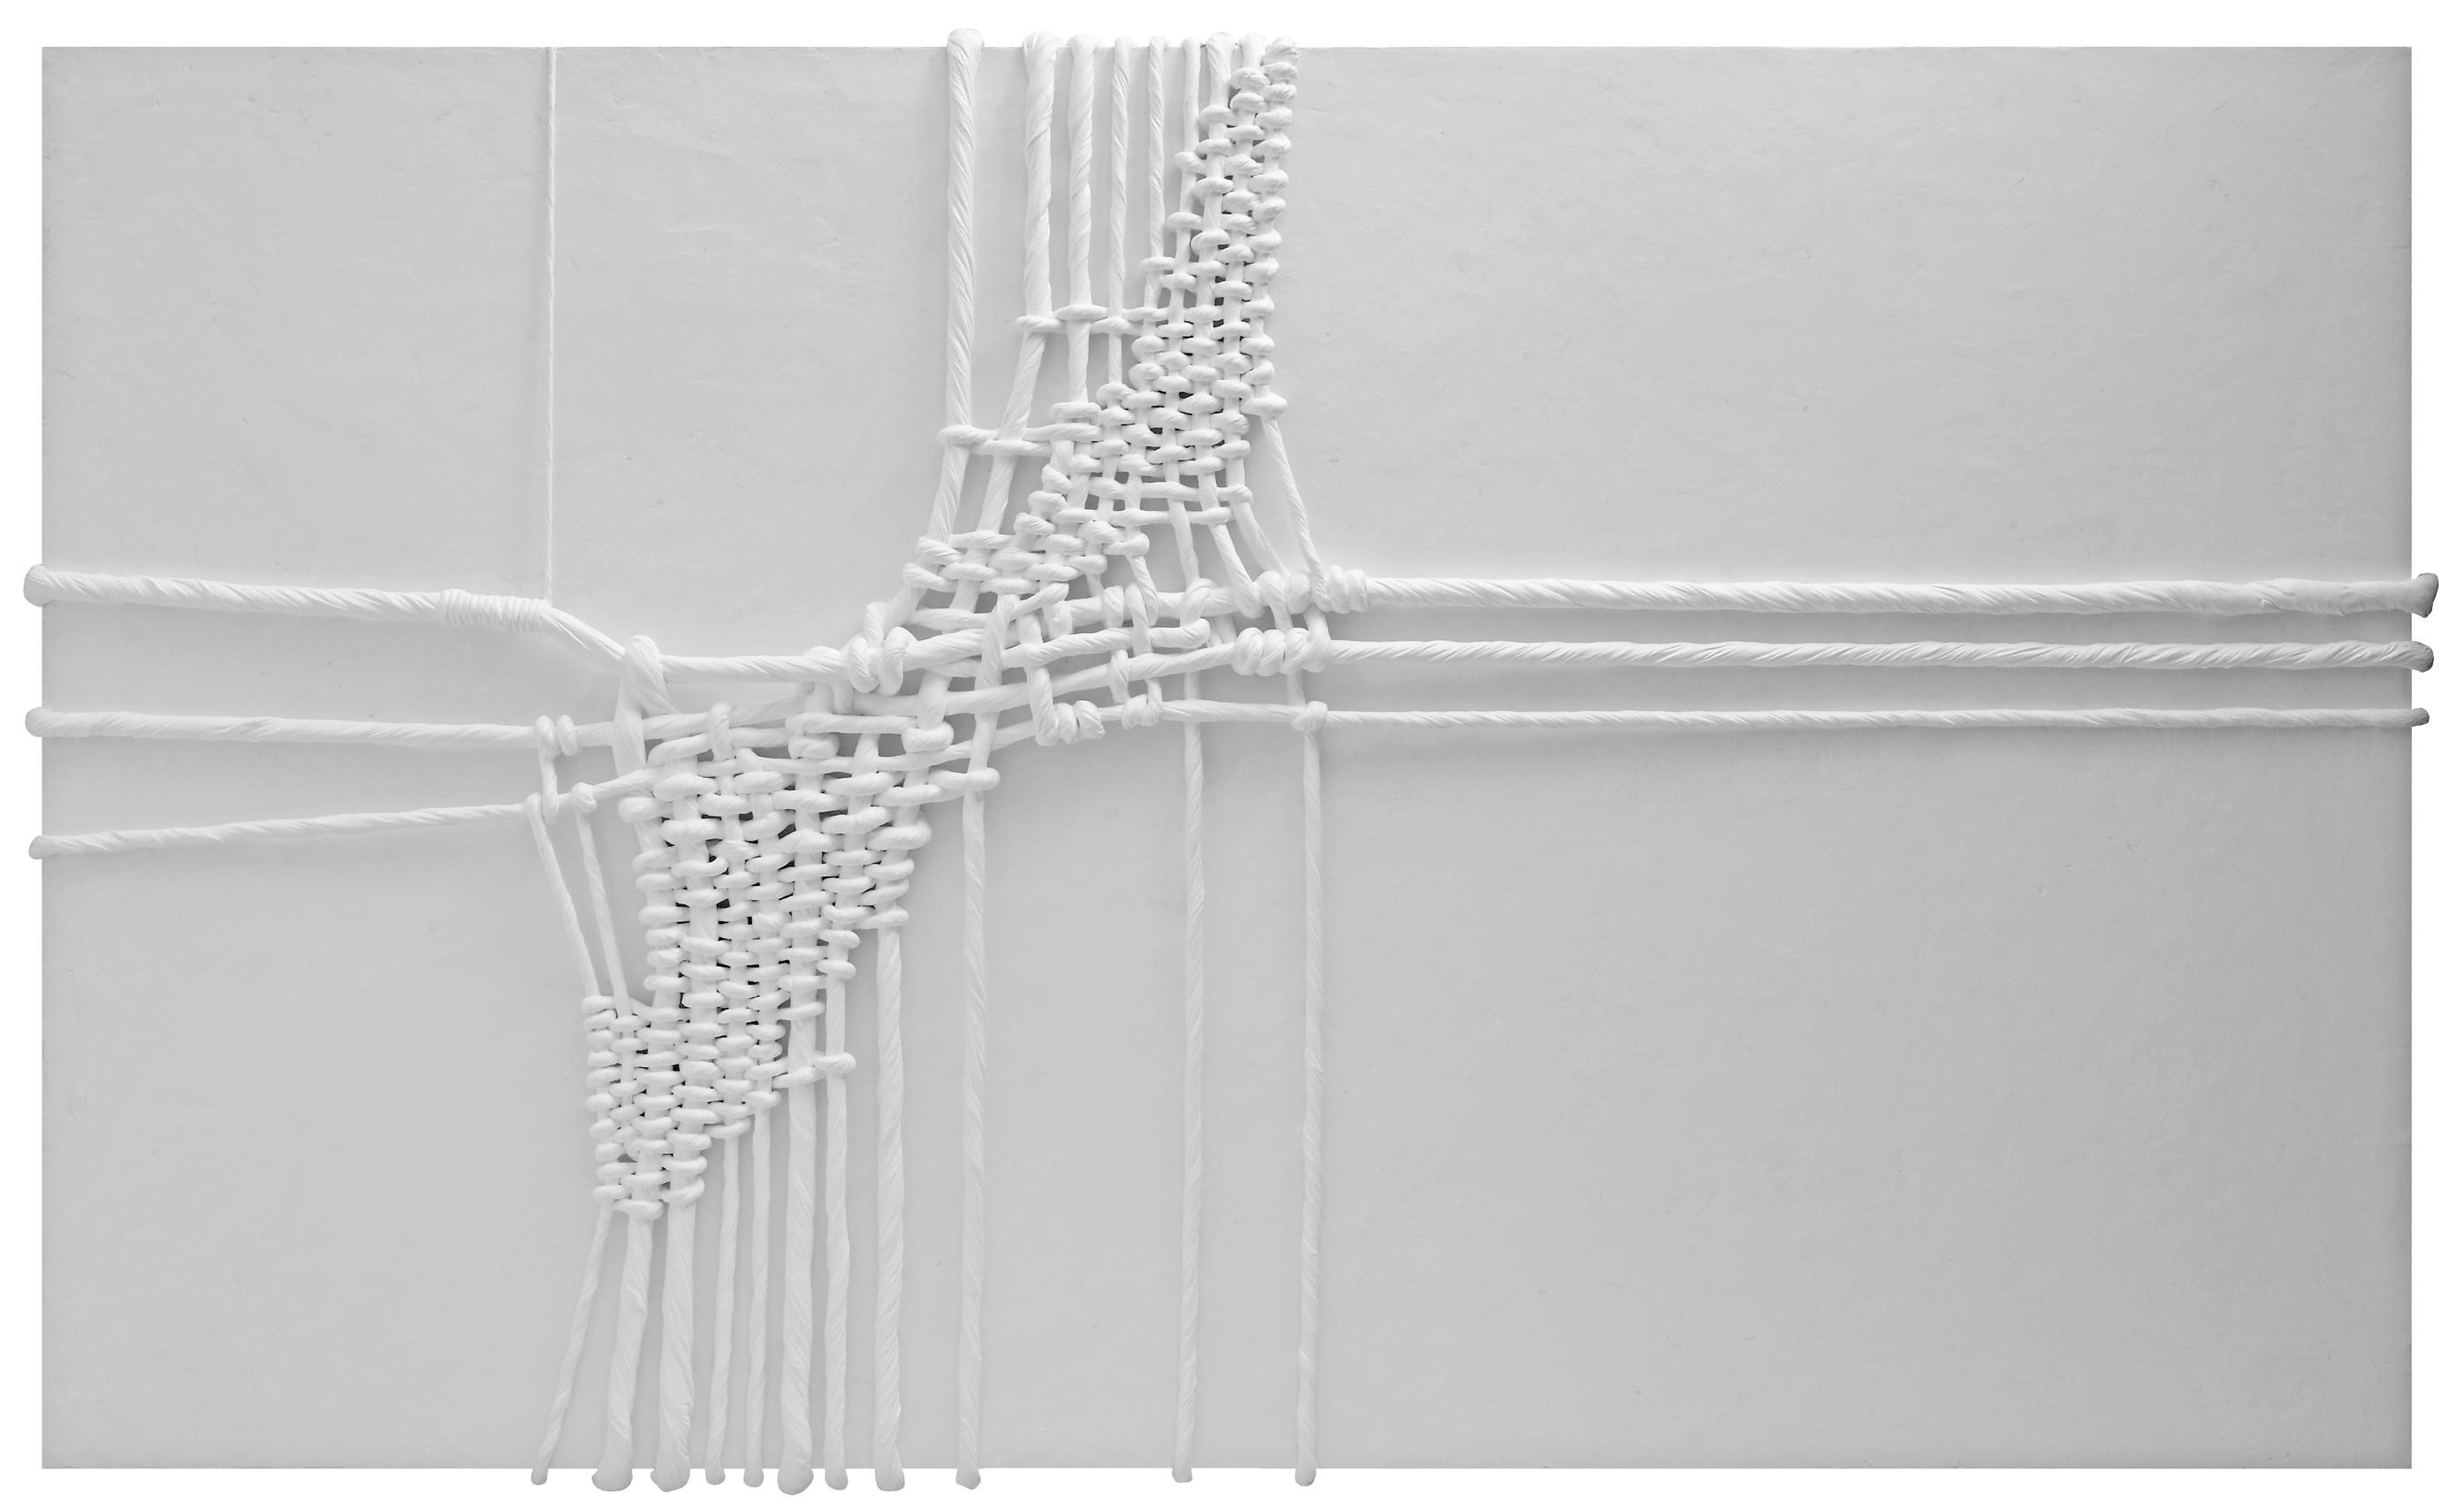 Contextus-#37-Tecnica-mista-su-tavola-120x200-2013